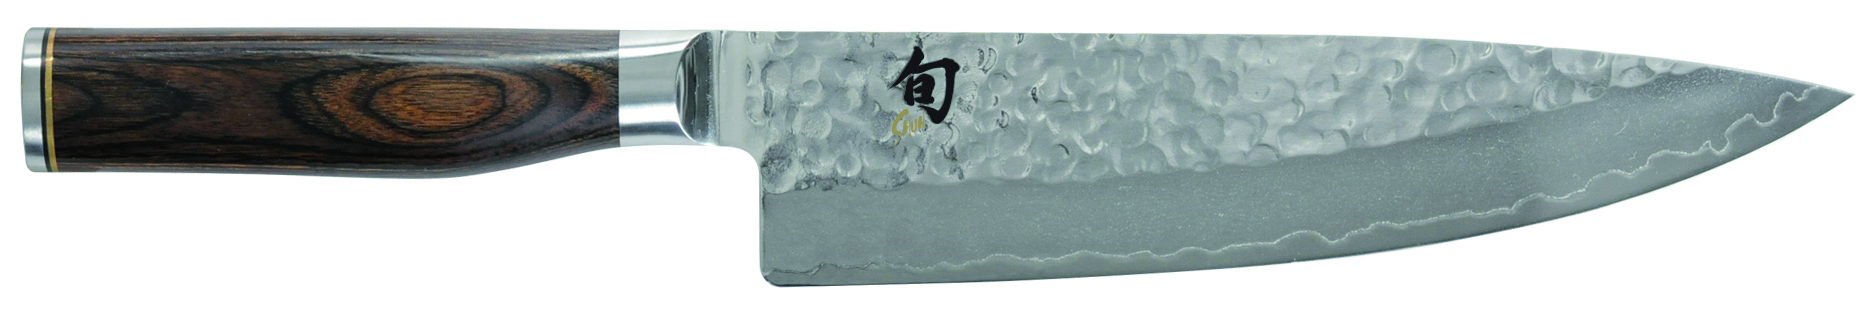 Damaškový japonský nôž šéfkuchára väčší Tim Mälzer TDM-1706